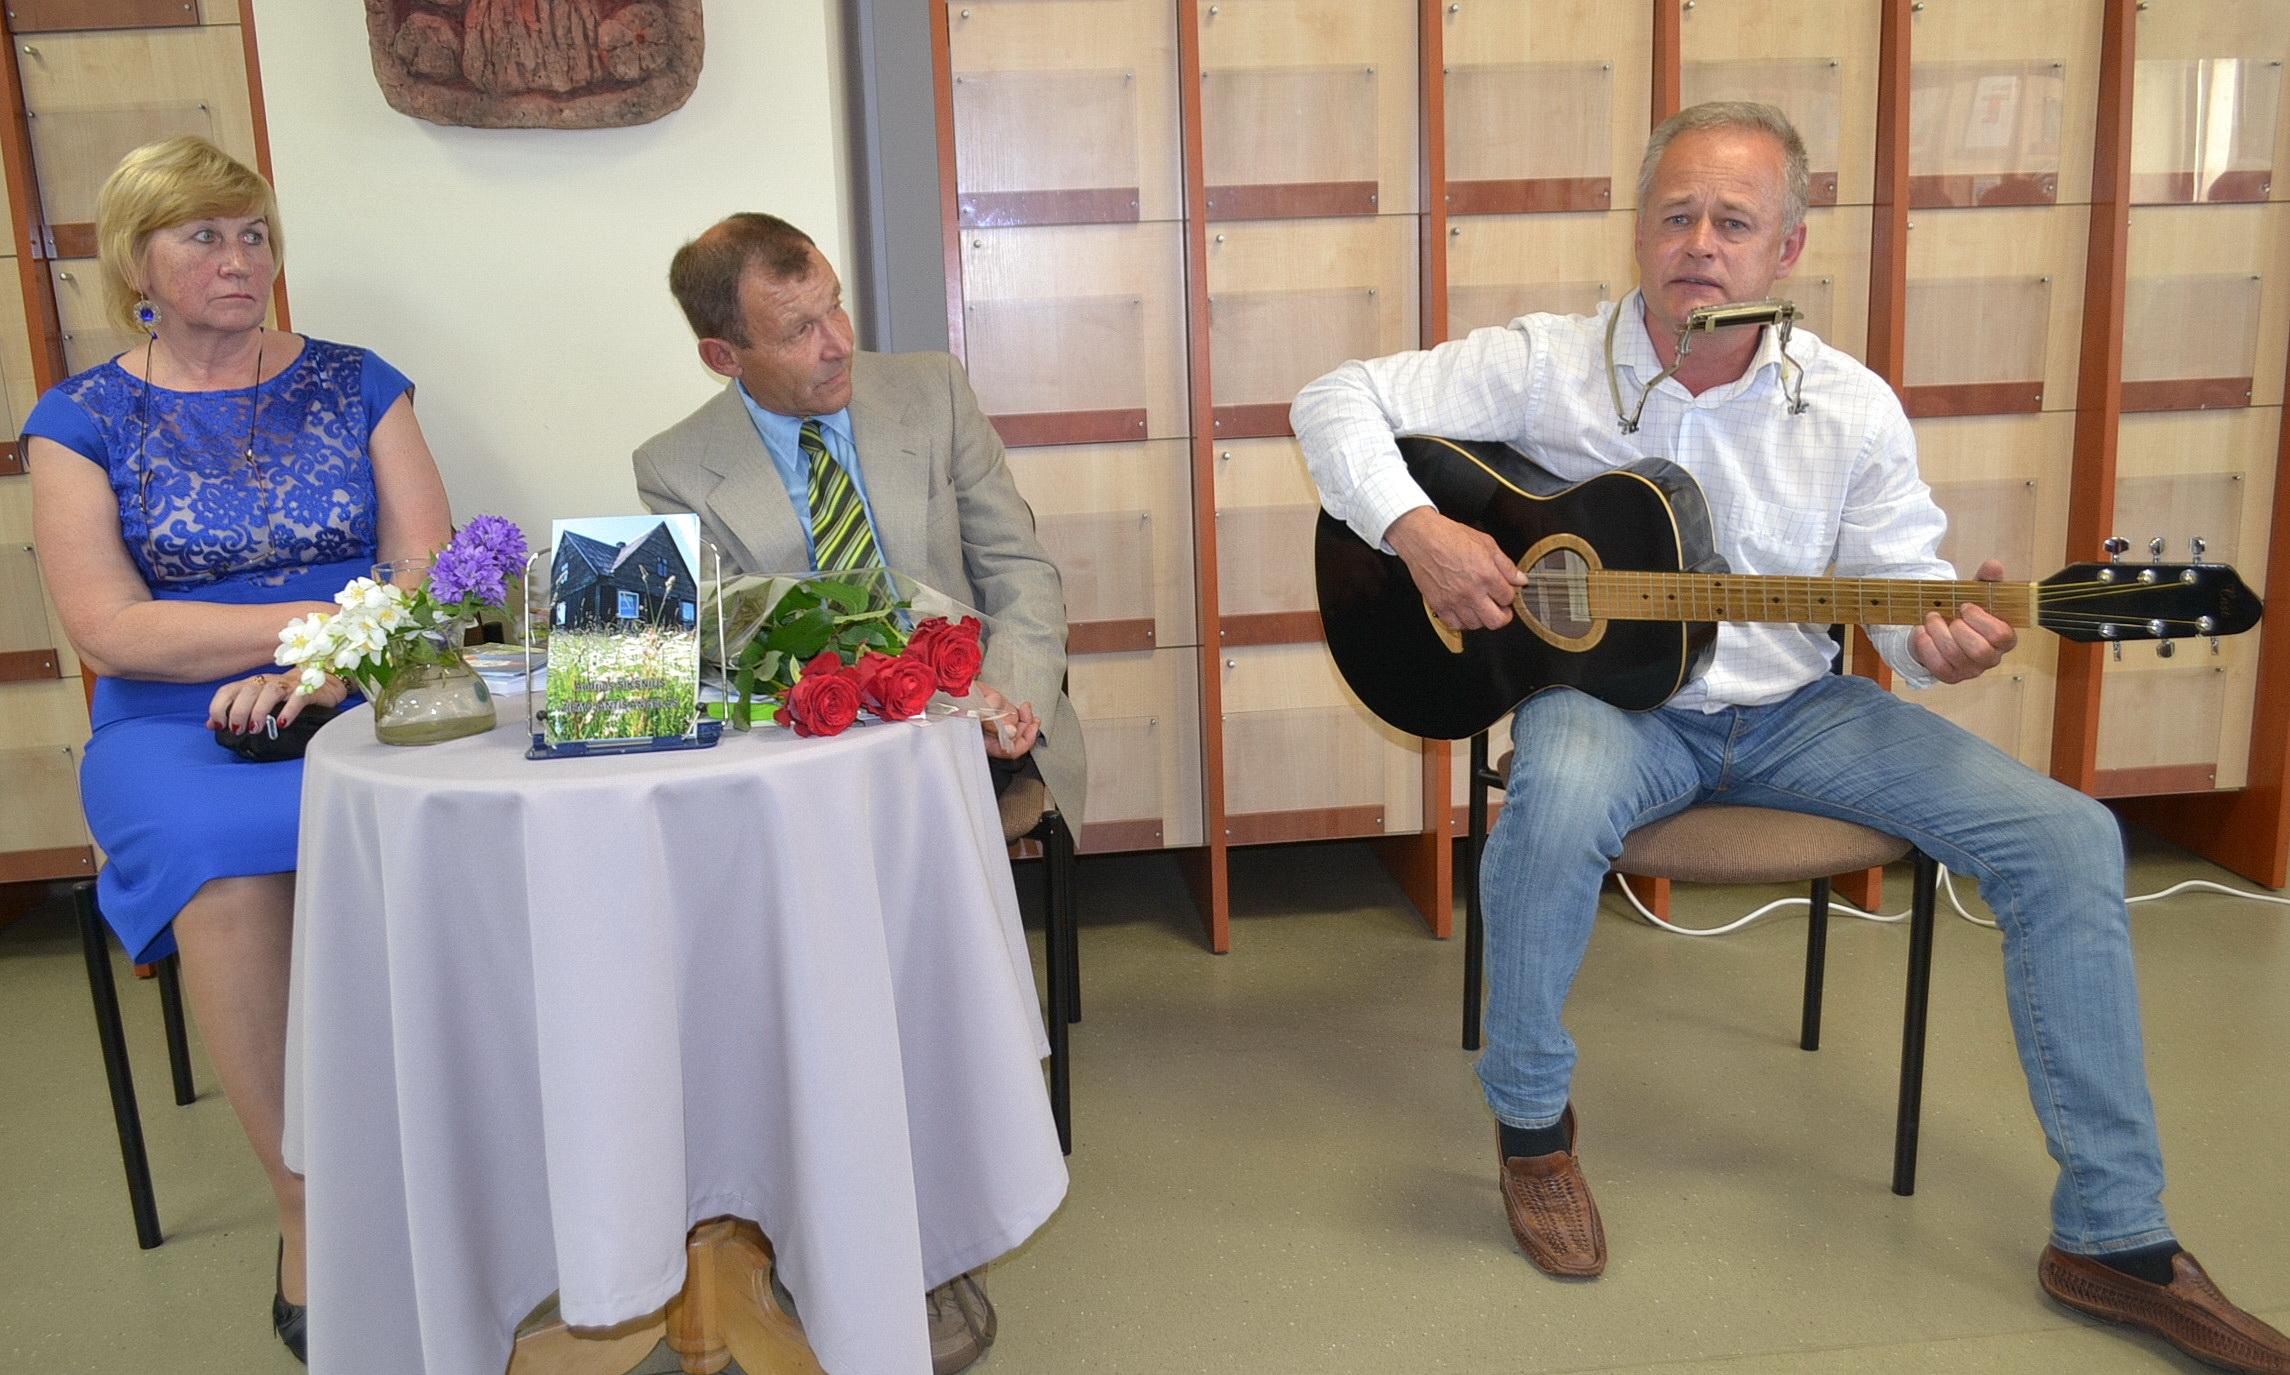 Audriaus draugas Darius Leveckis padainavo dvi dainas pritardamas sau gitara ir lūpine armonikėle.